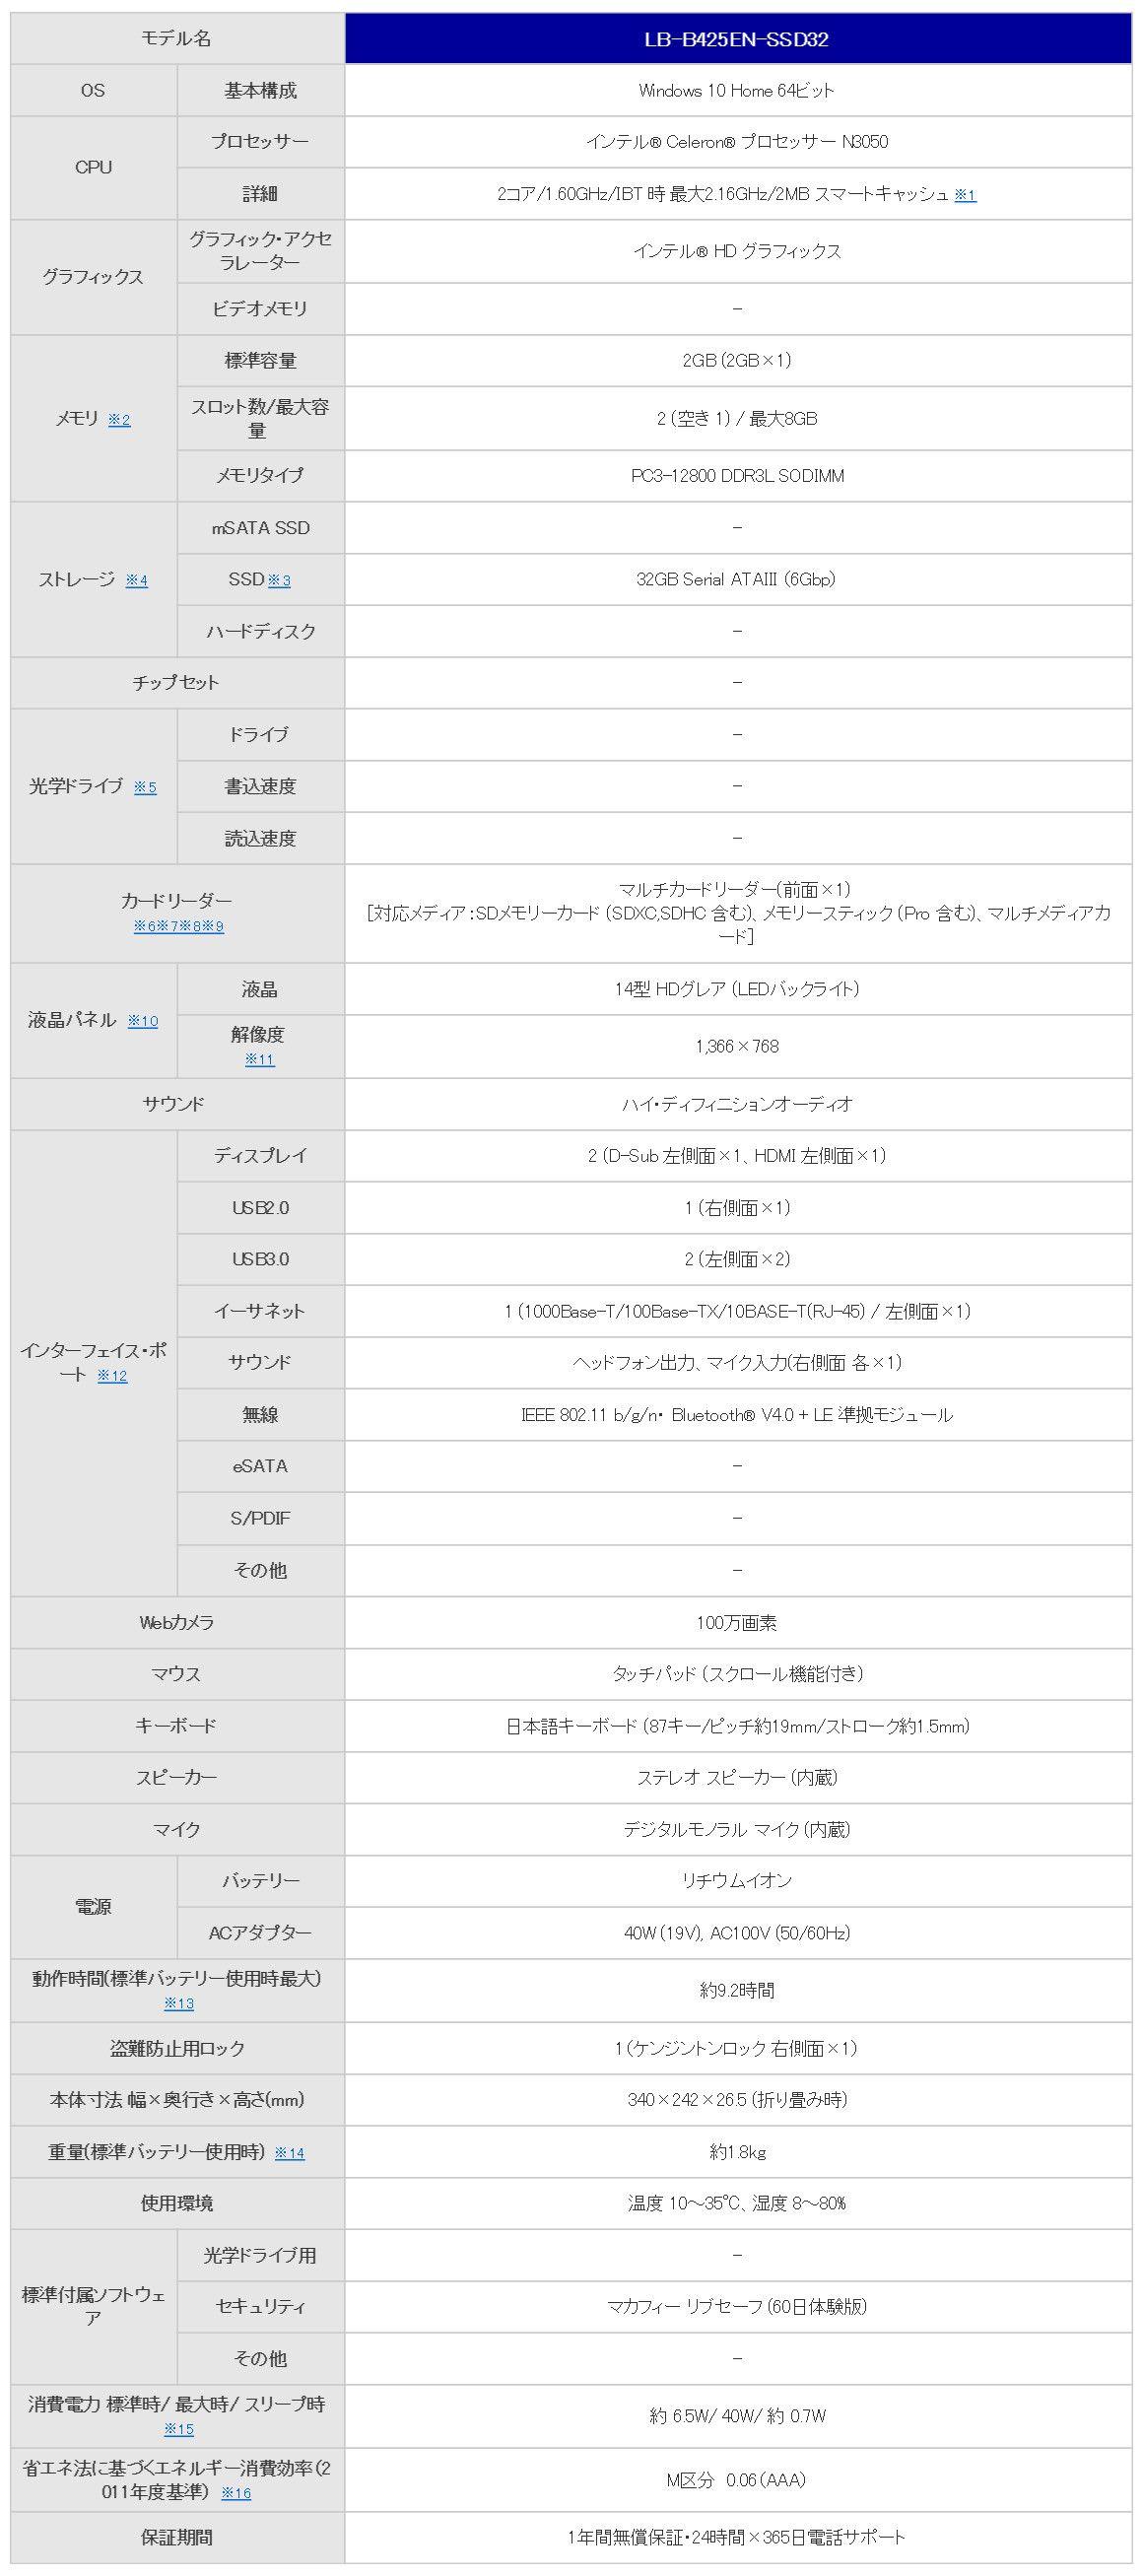 マウスコンピューター LuvBook LB-B425EN-SSD32 スペック表